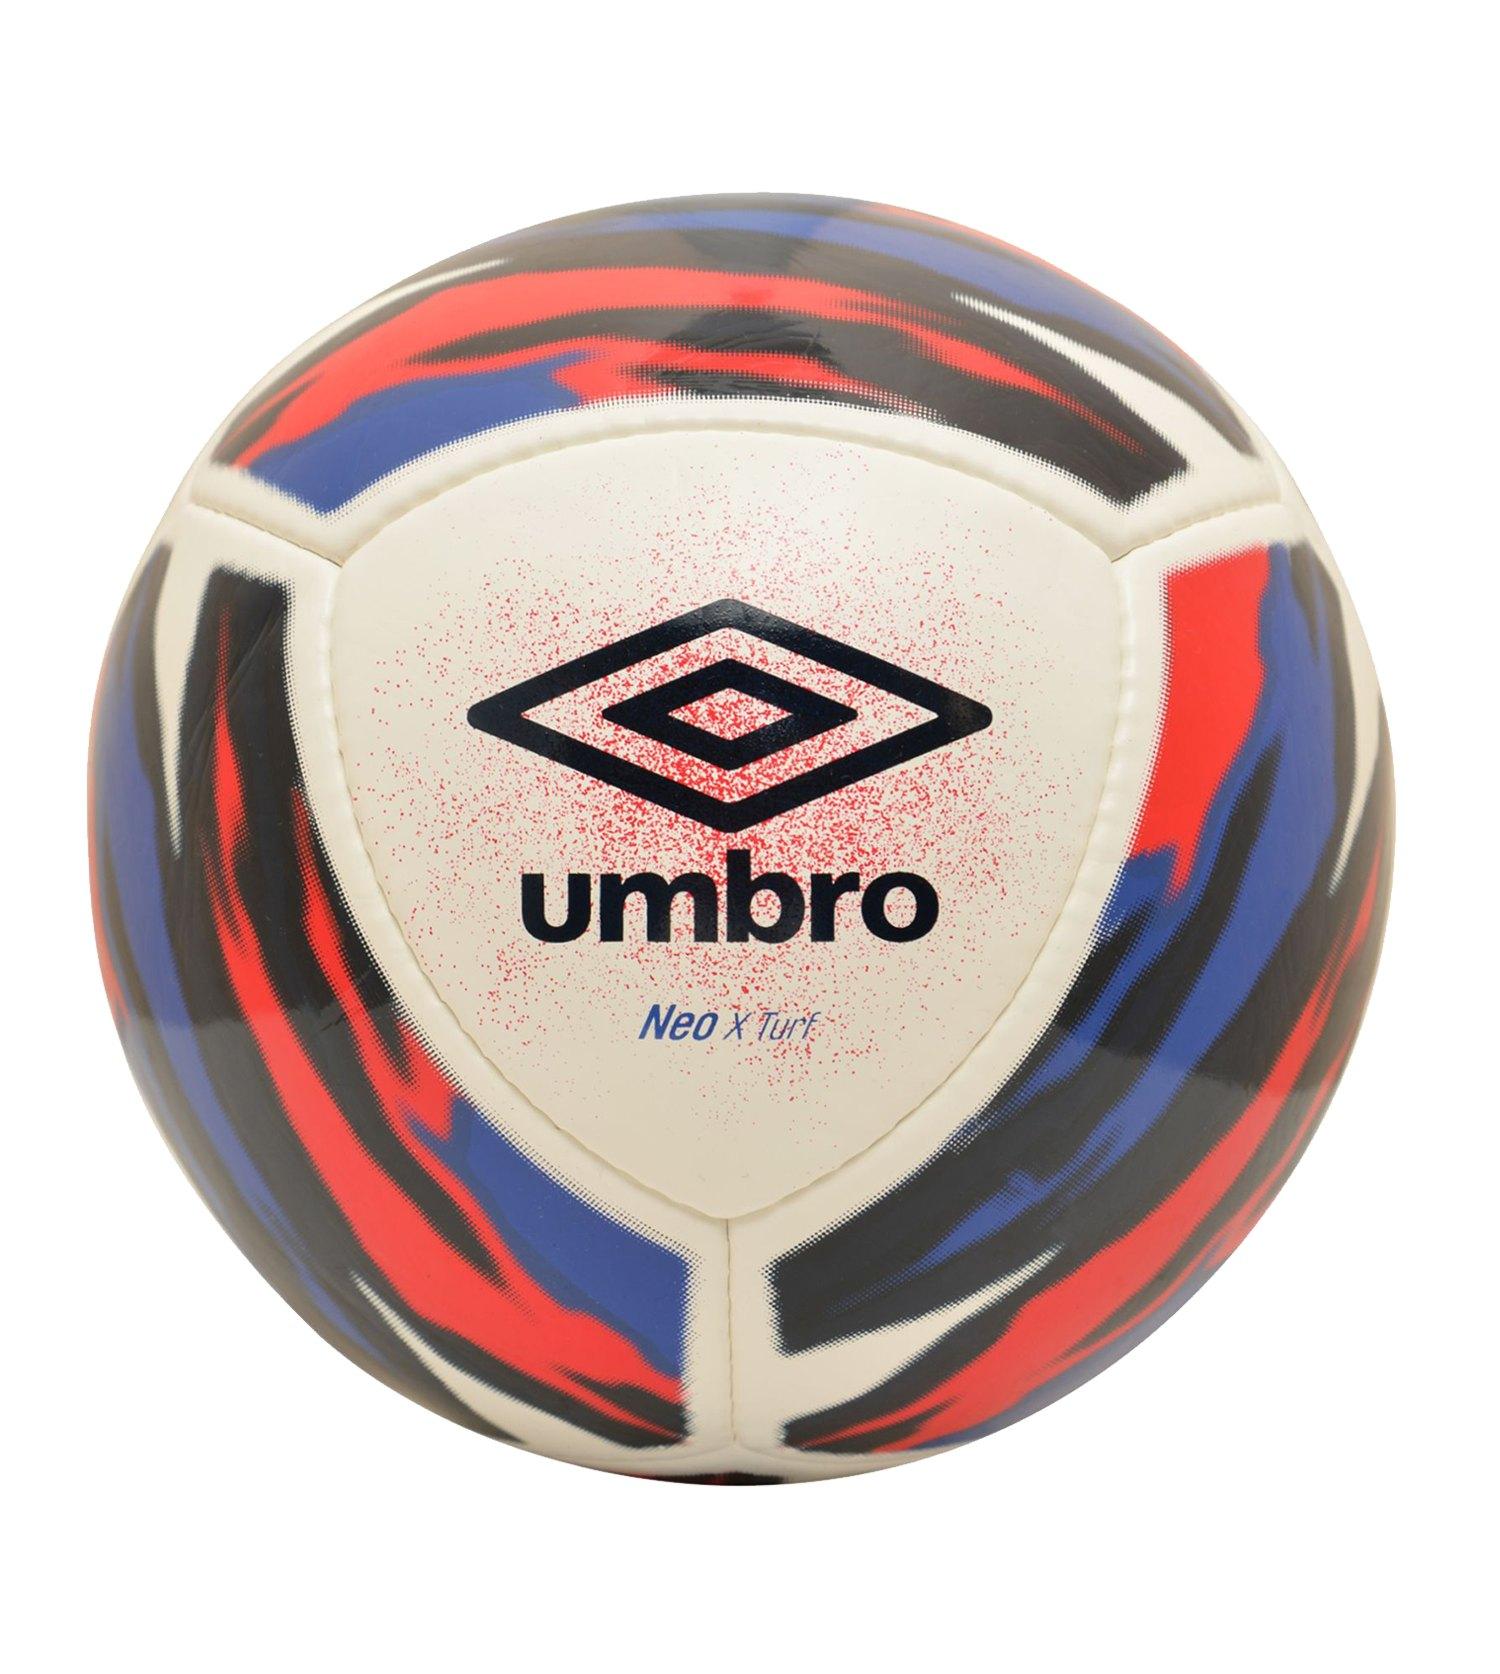 Umbro Neo X Truf Spielball Weiss Blau FJPX - weiss